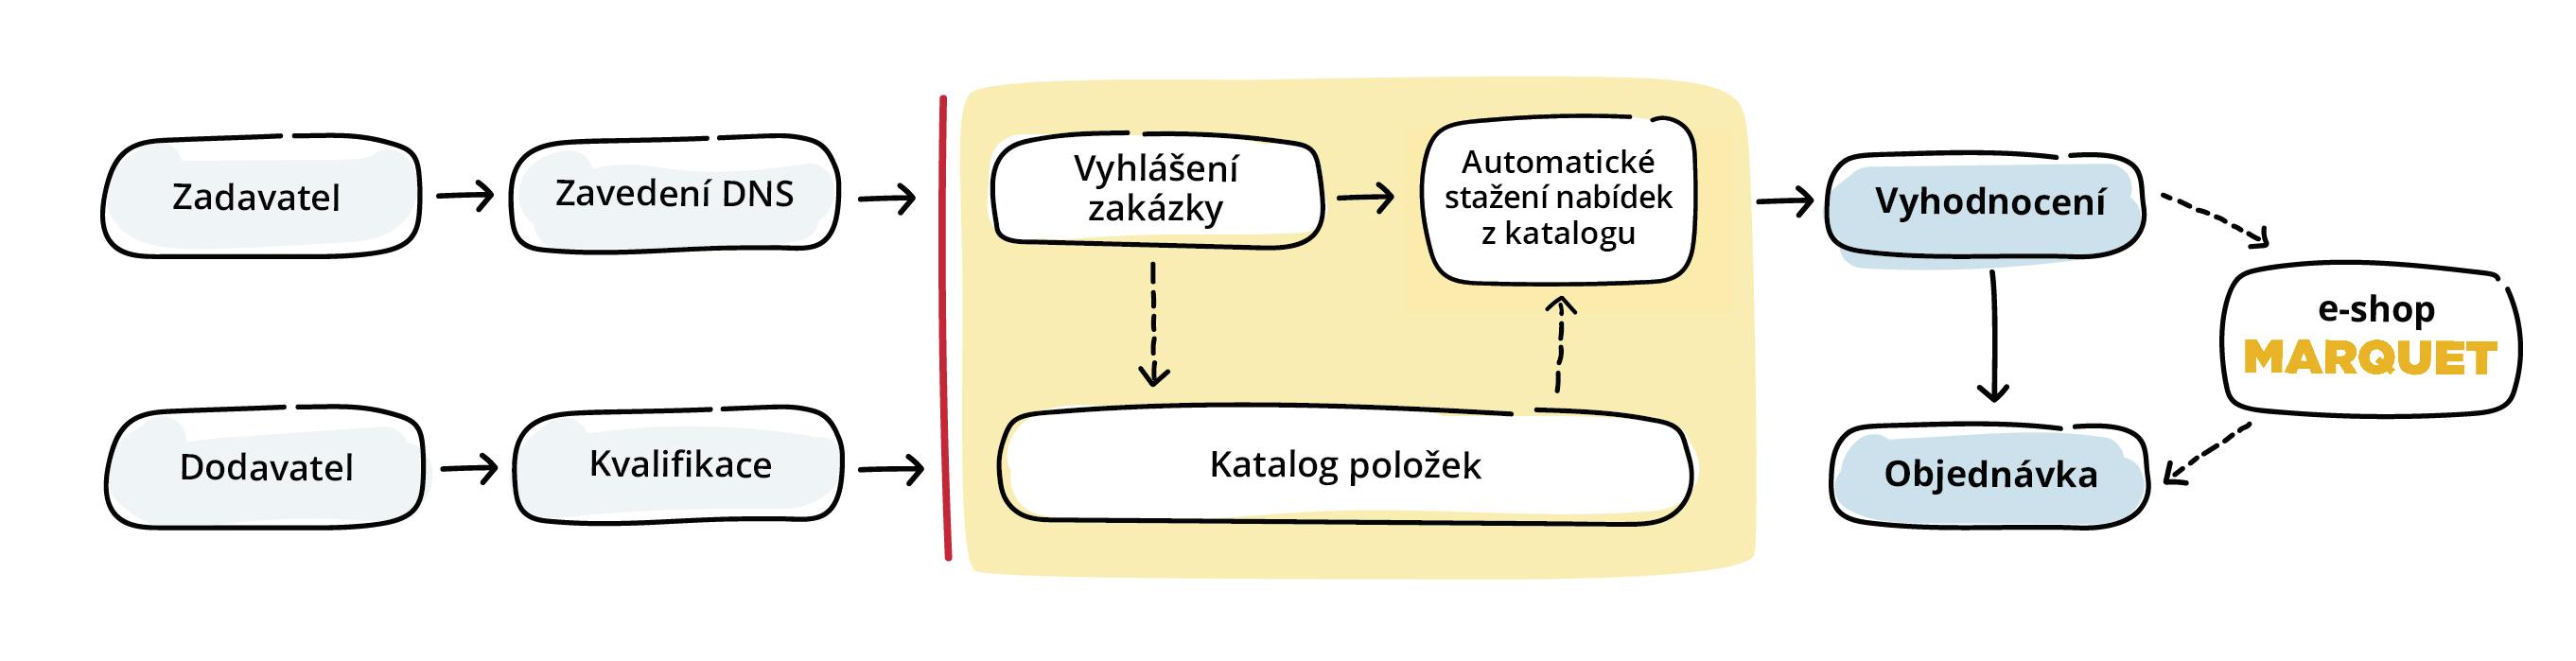 Systém flexibilního tendrování - procesní schéma